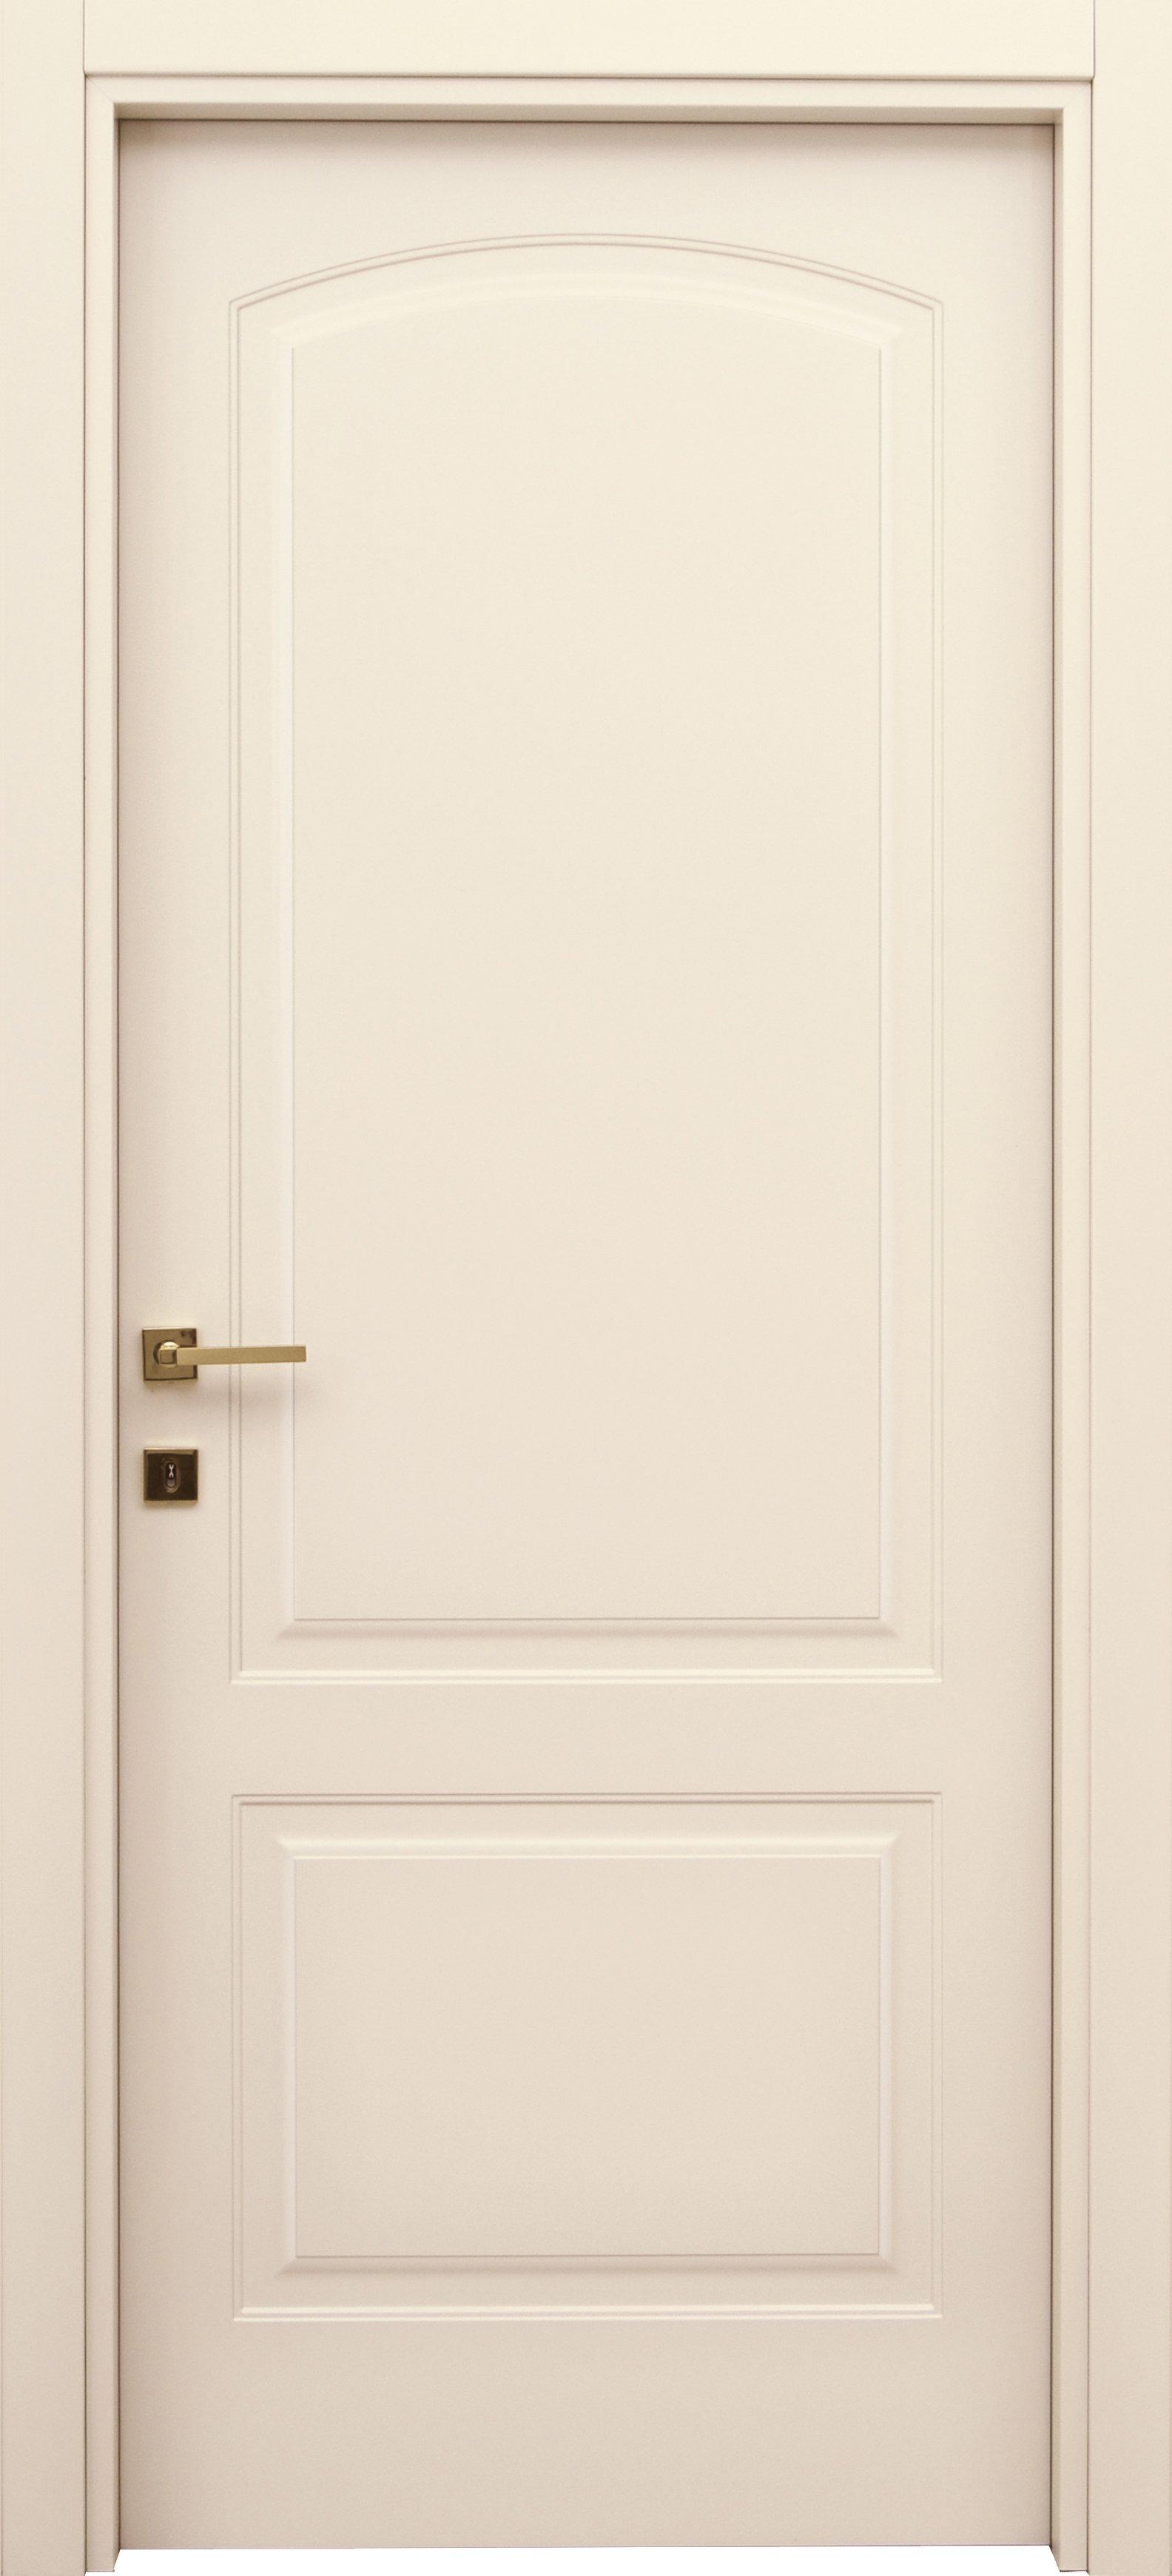 porta color avorio